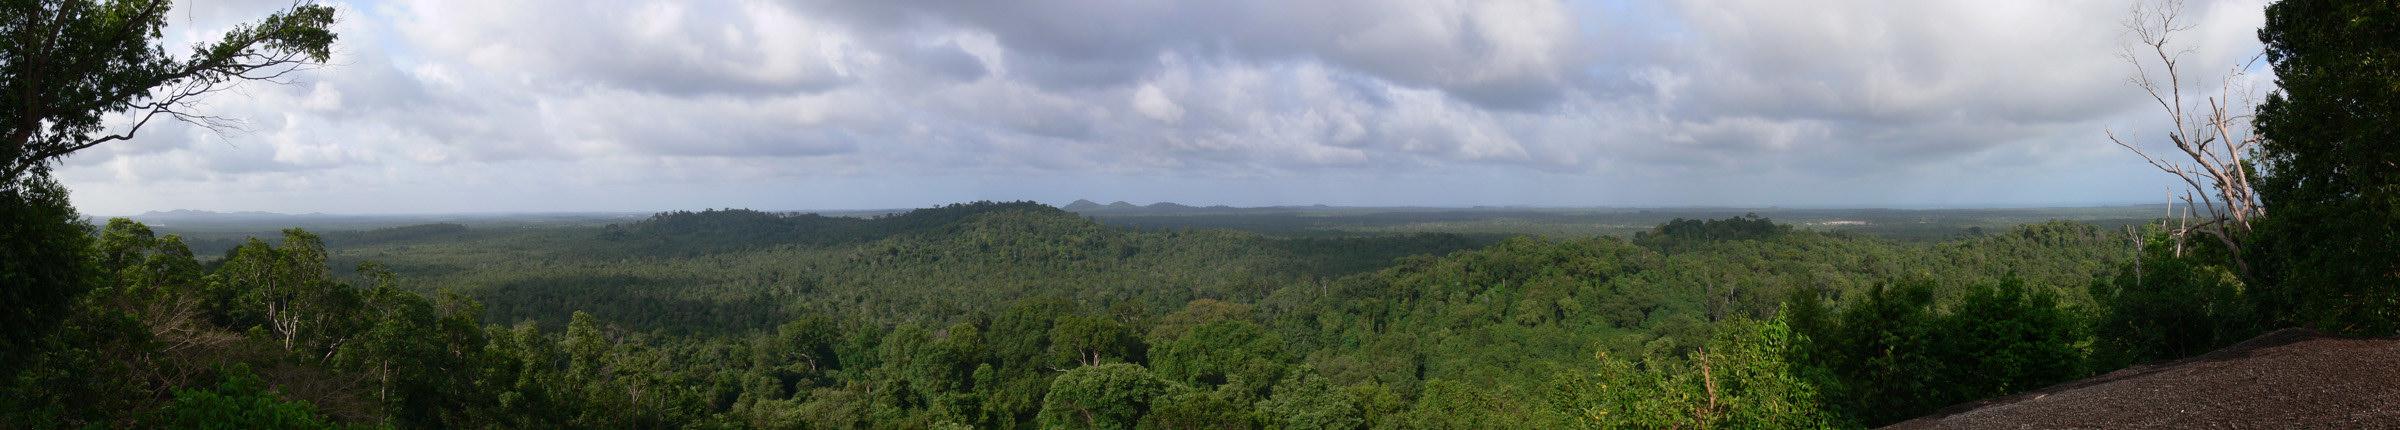 Découverte de la forêt de Bukit Peramun gobelitung indonesia